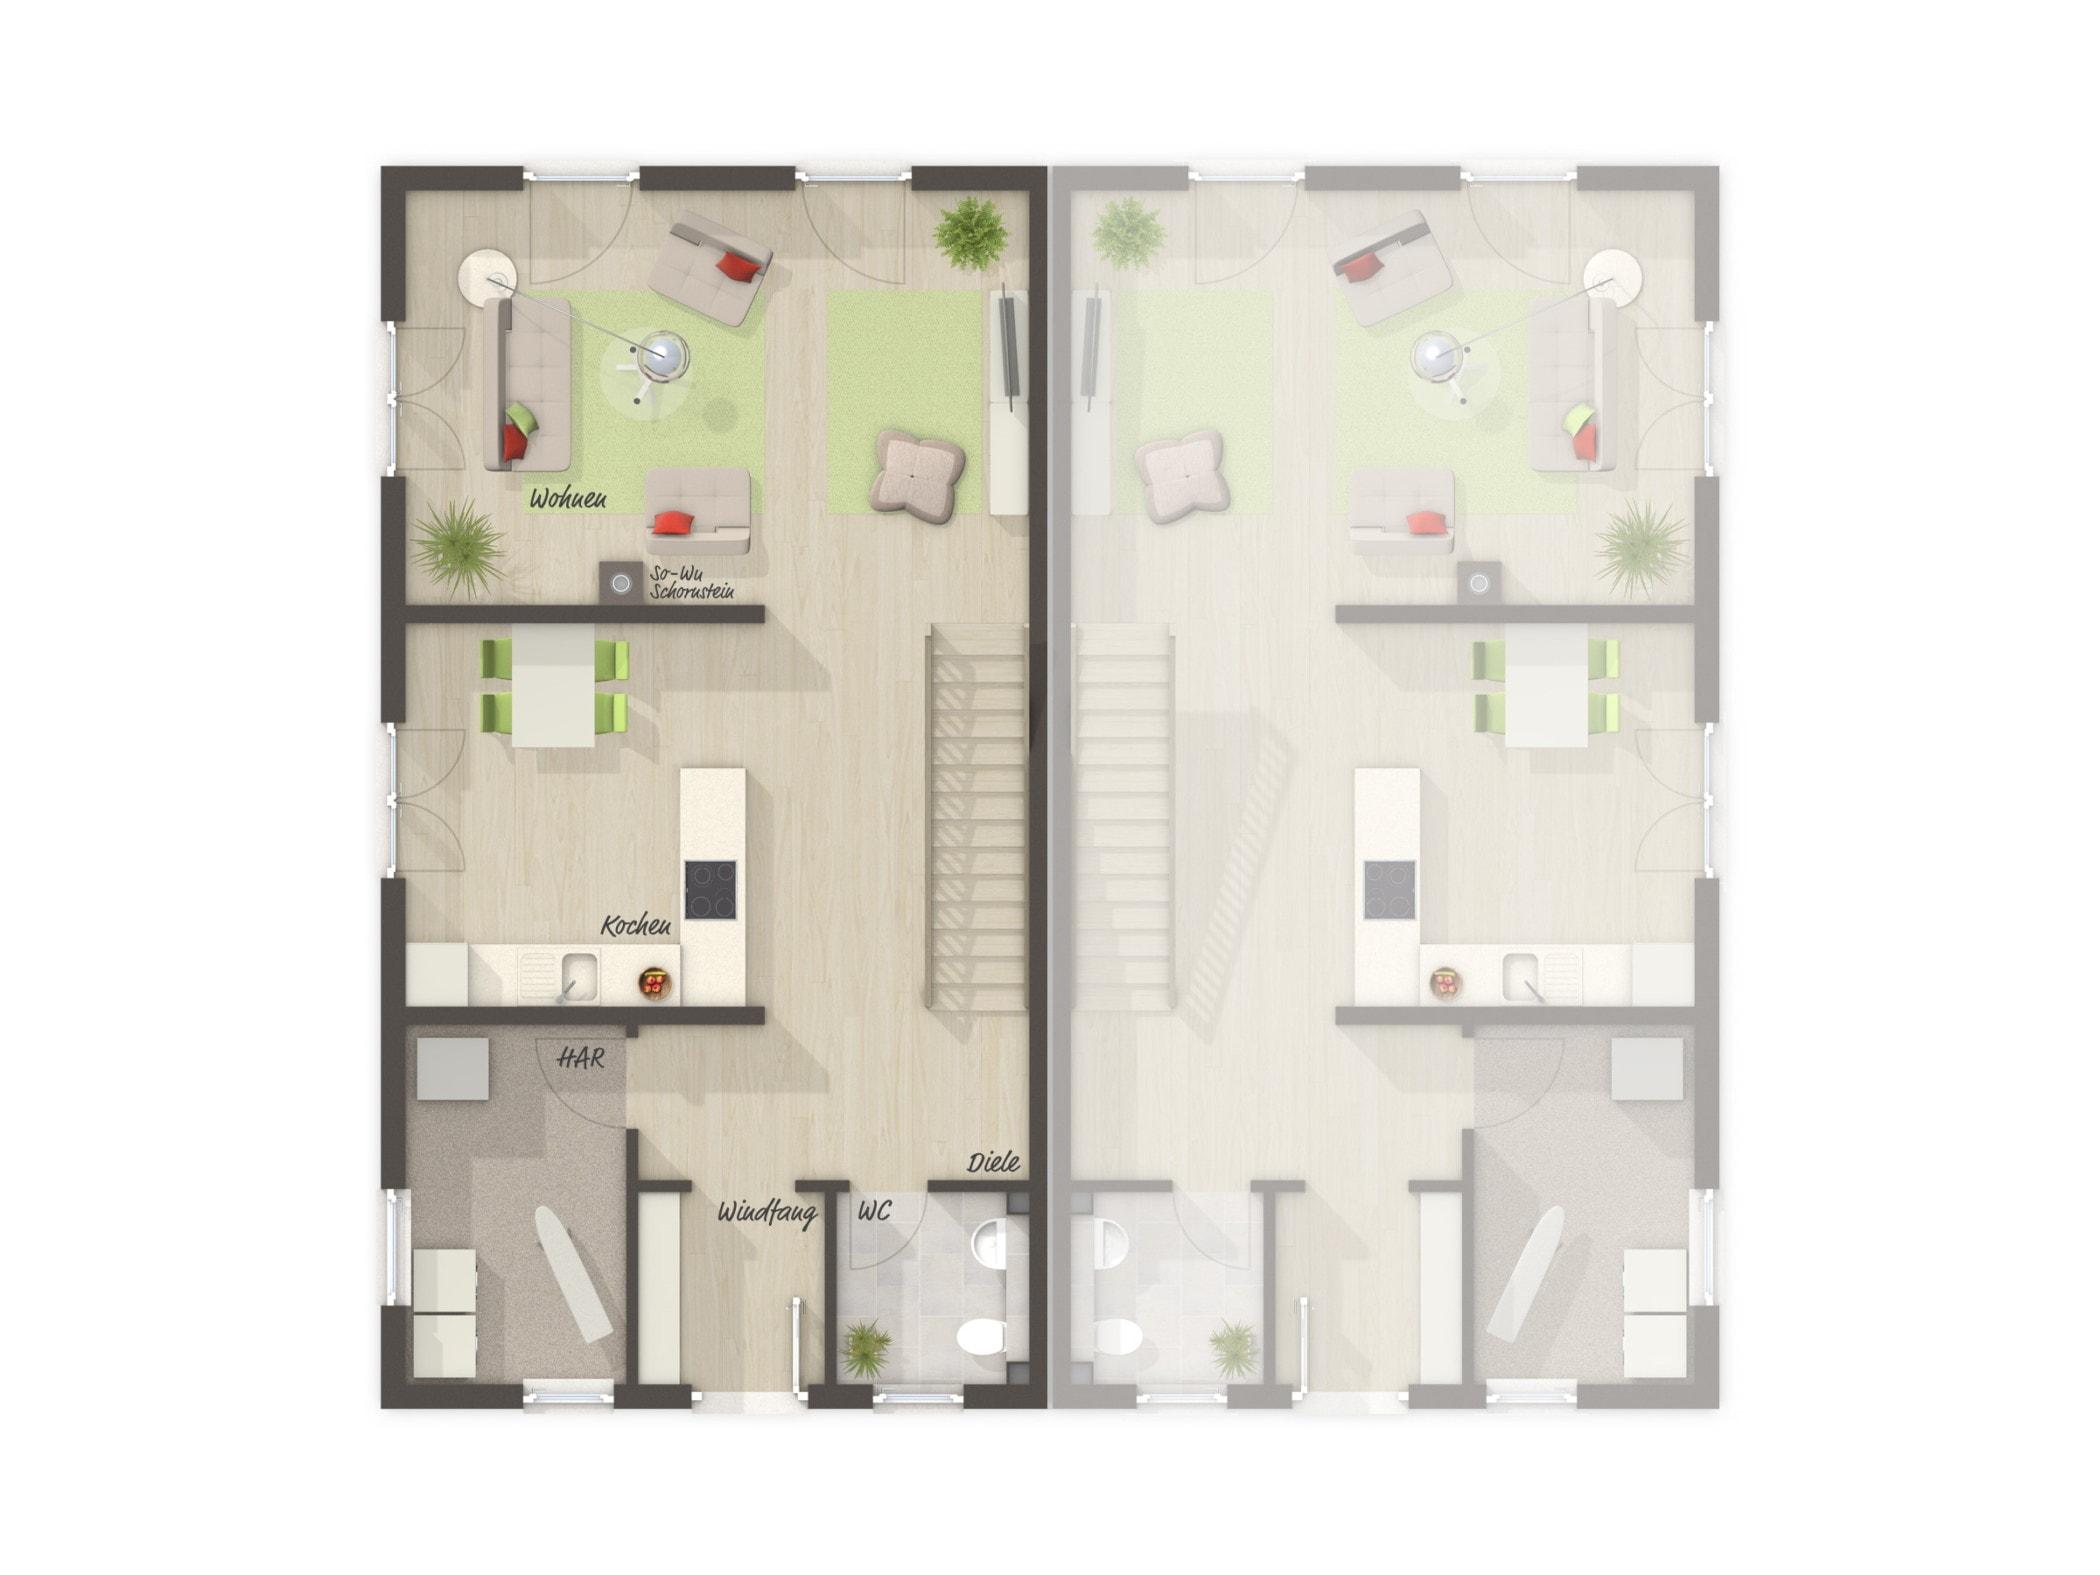 Doppelhaus Grundriss EG schmal & Treppe gerade, 4 Zimmer, 125 qm - Massivhaus bauen Ideen Town Country Haus Aura 125 - HausbauDirekt.de